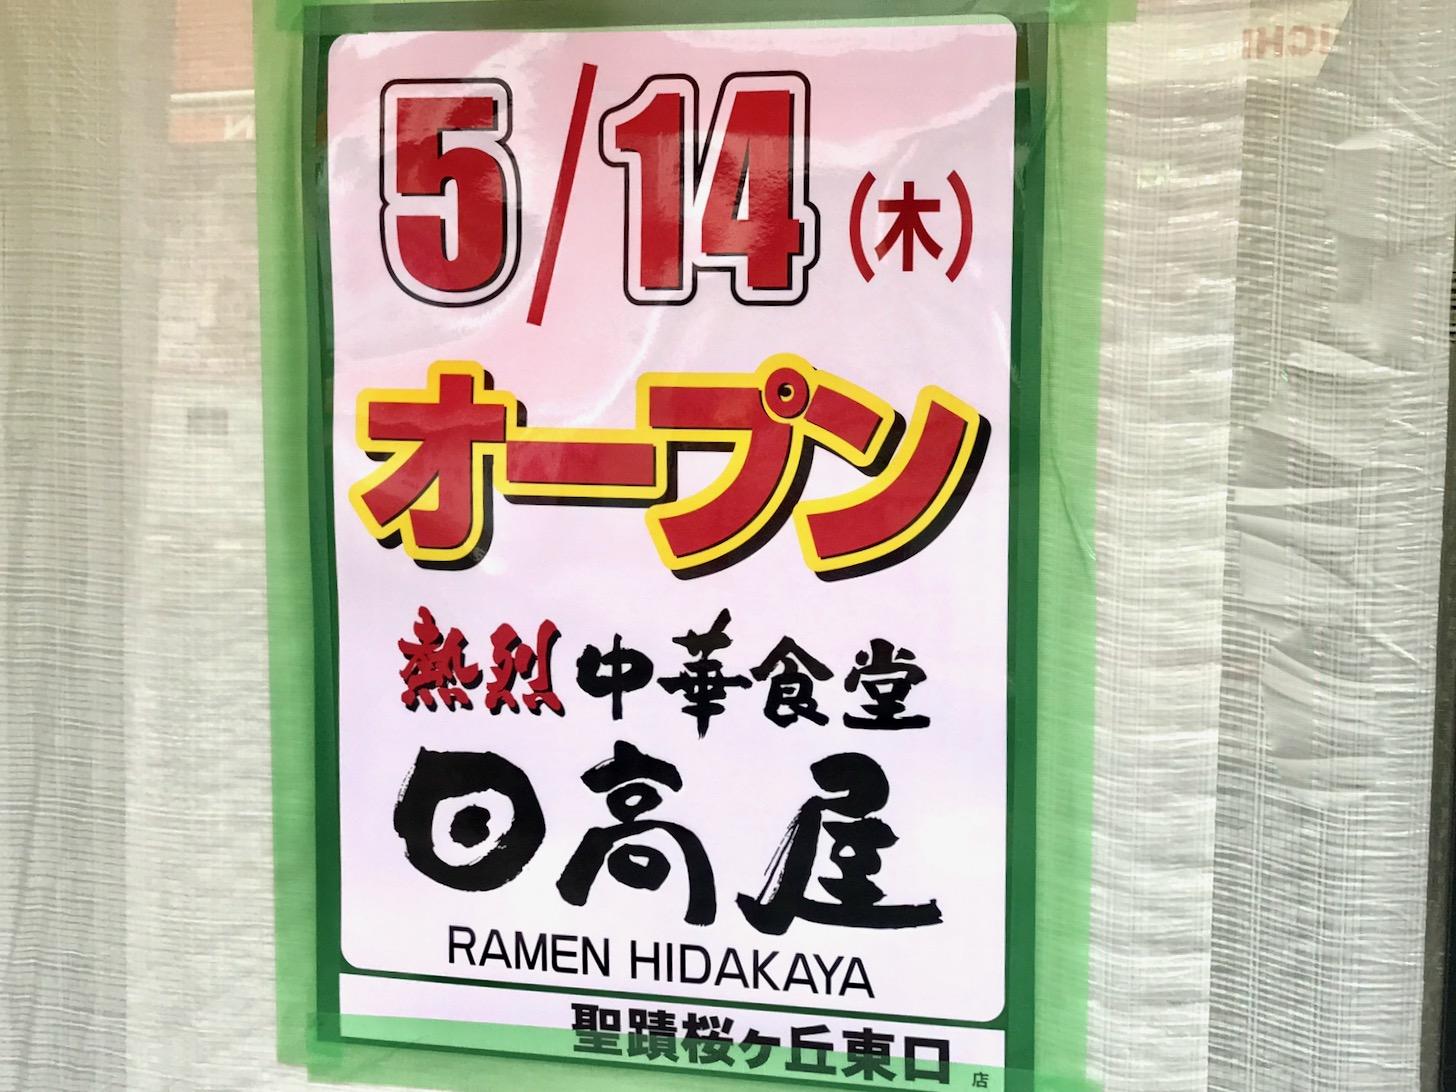 熱烈中華食堂 日高屋 聖蹟桜ヶ丘東口店 5/14(木)にオープン。ただいまスタッフを募集中